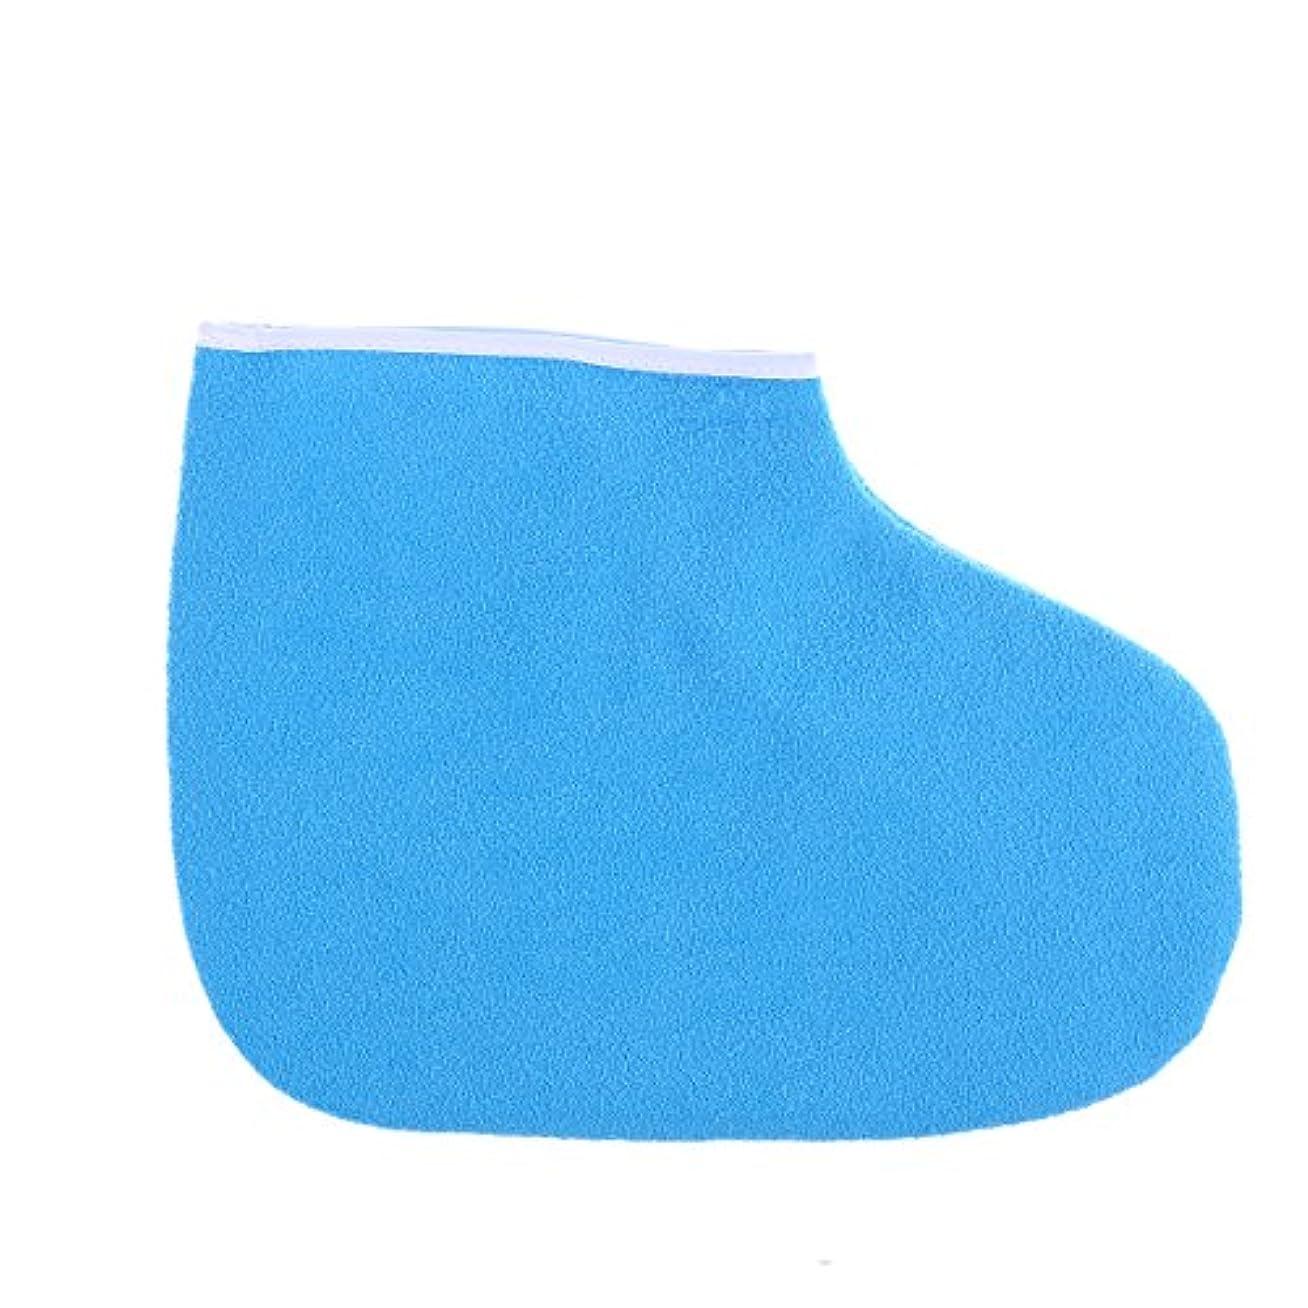 むちゃくちゃエジプトチャネルHEALLILY パラフィンブーティワックスバスフットスパカバー温熱療法絶縁ソフトコットン保湿フットストラップ(ブルー)